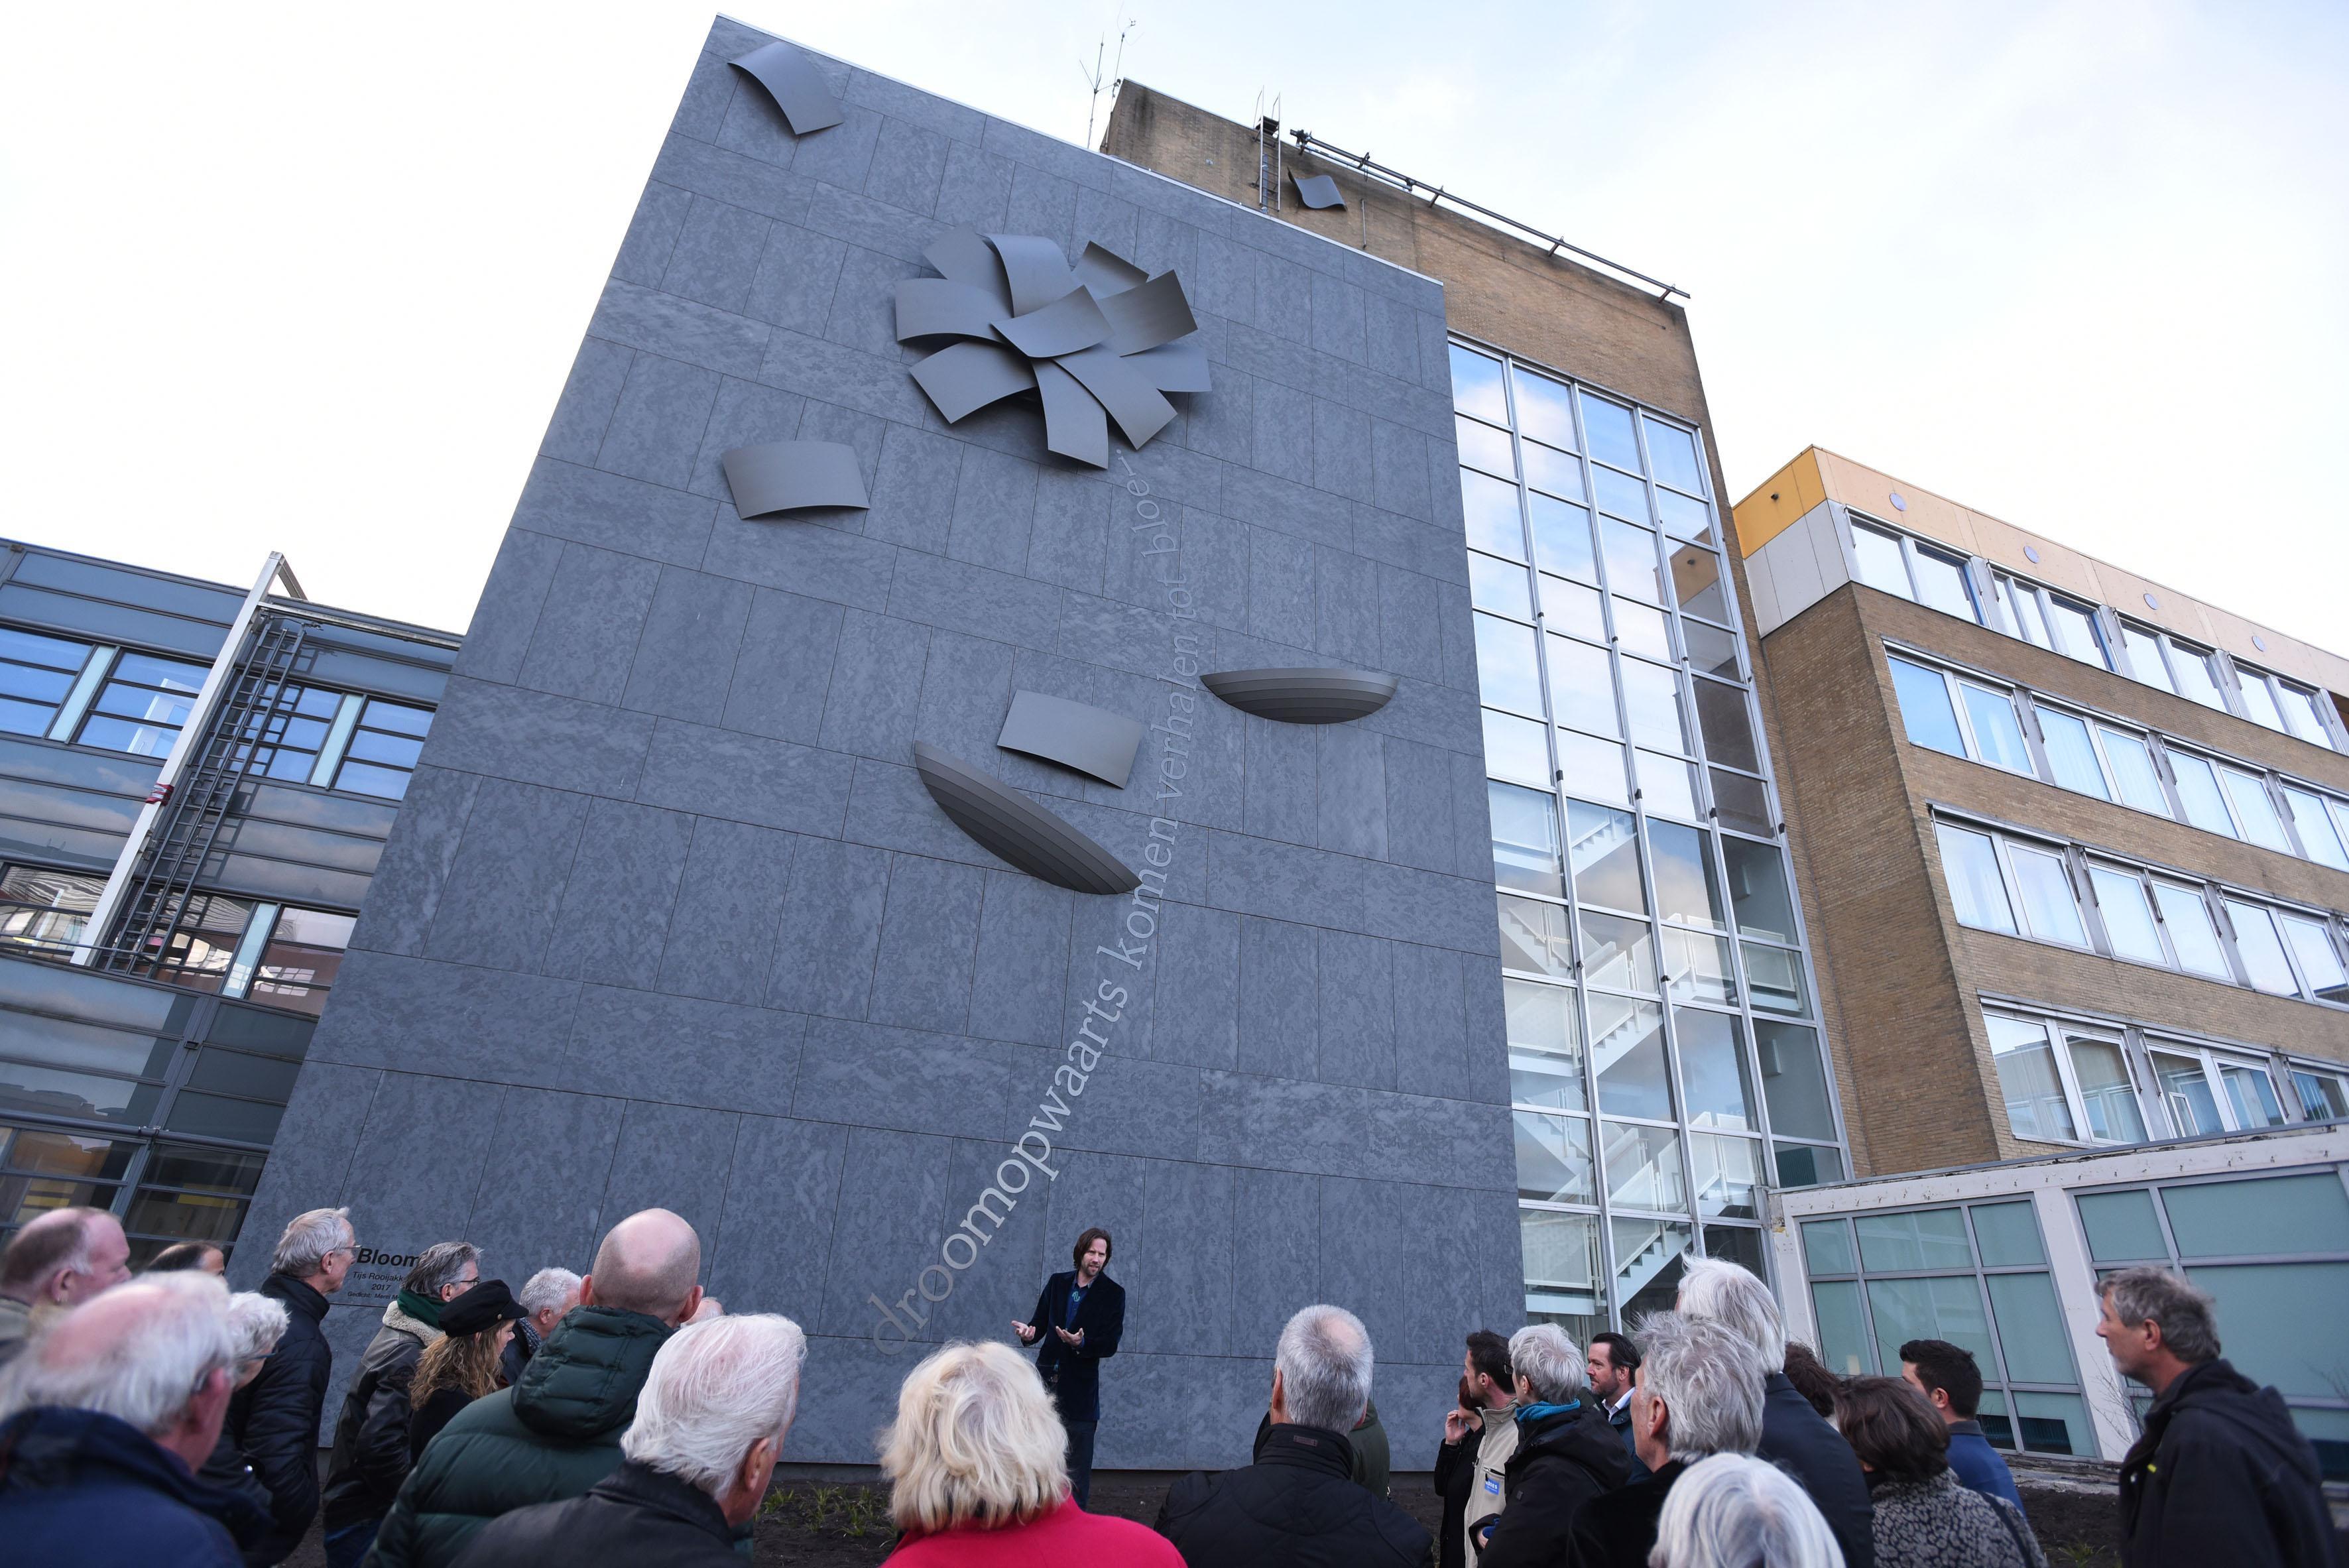 Kunstwerk 'Bloom' komt uit gevel Westfriesgasthuis